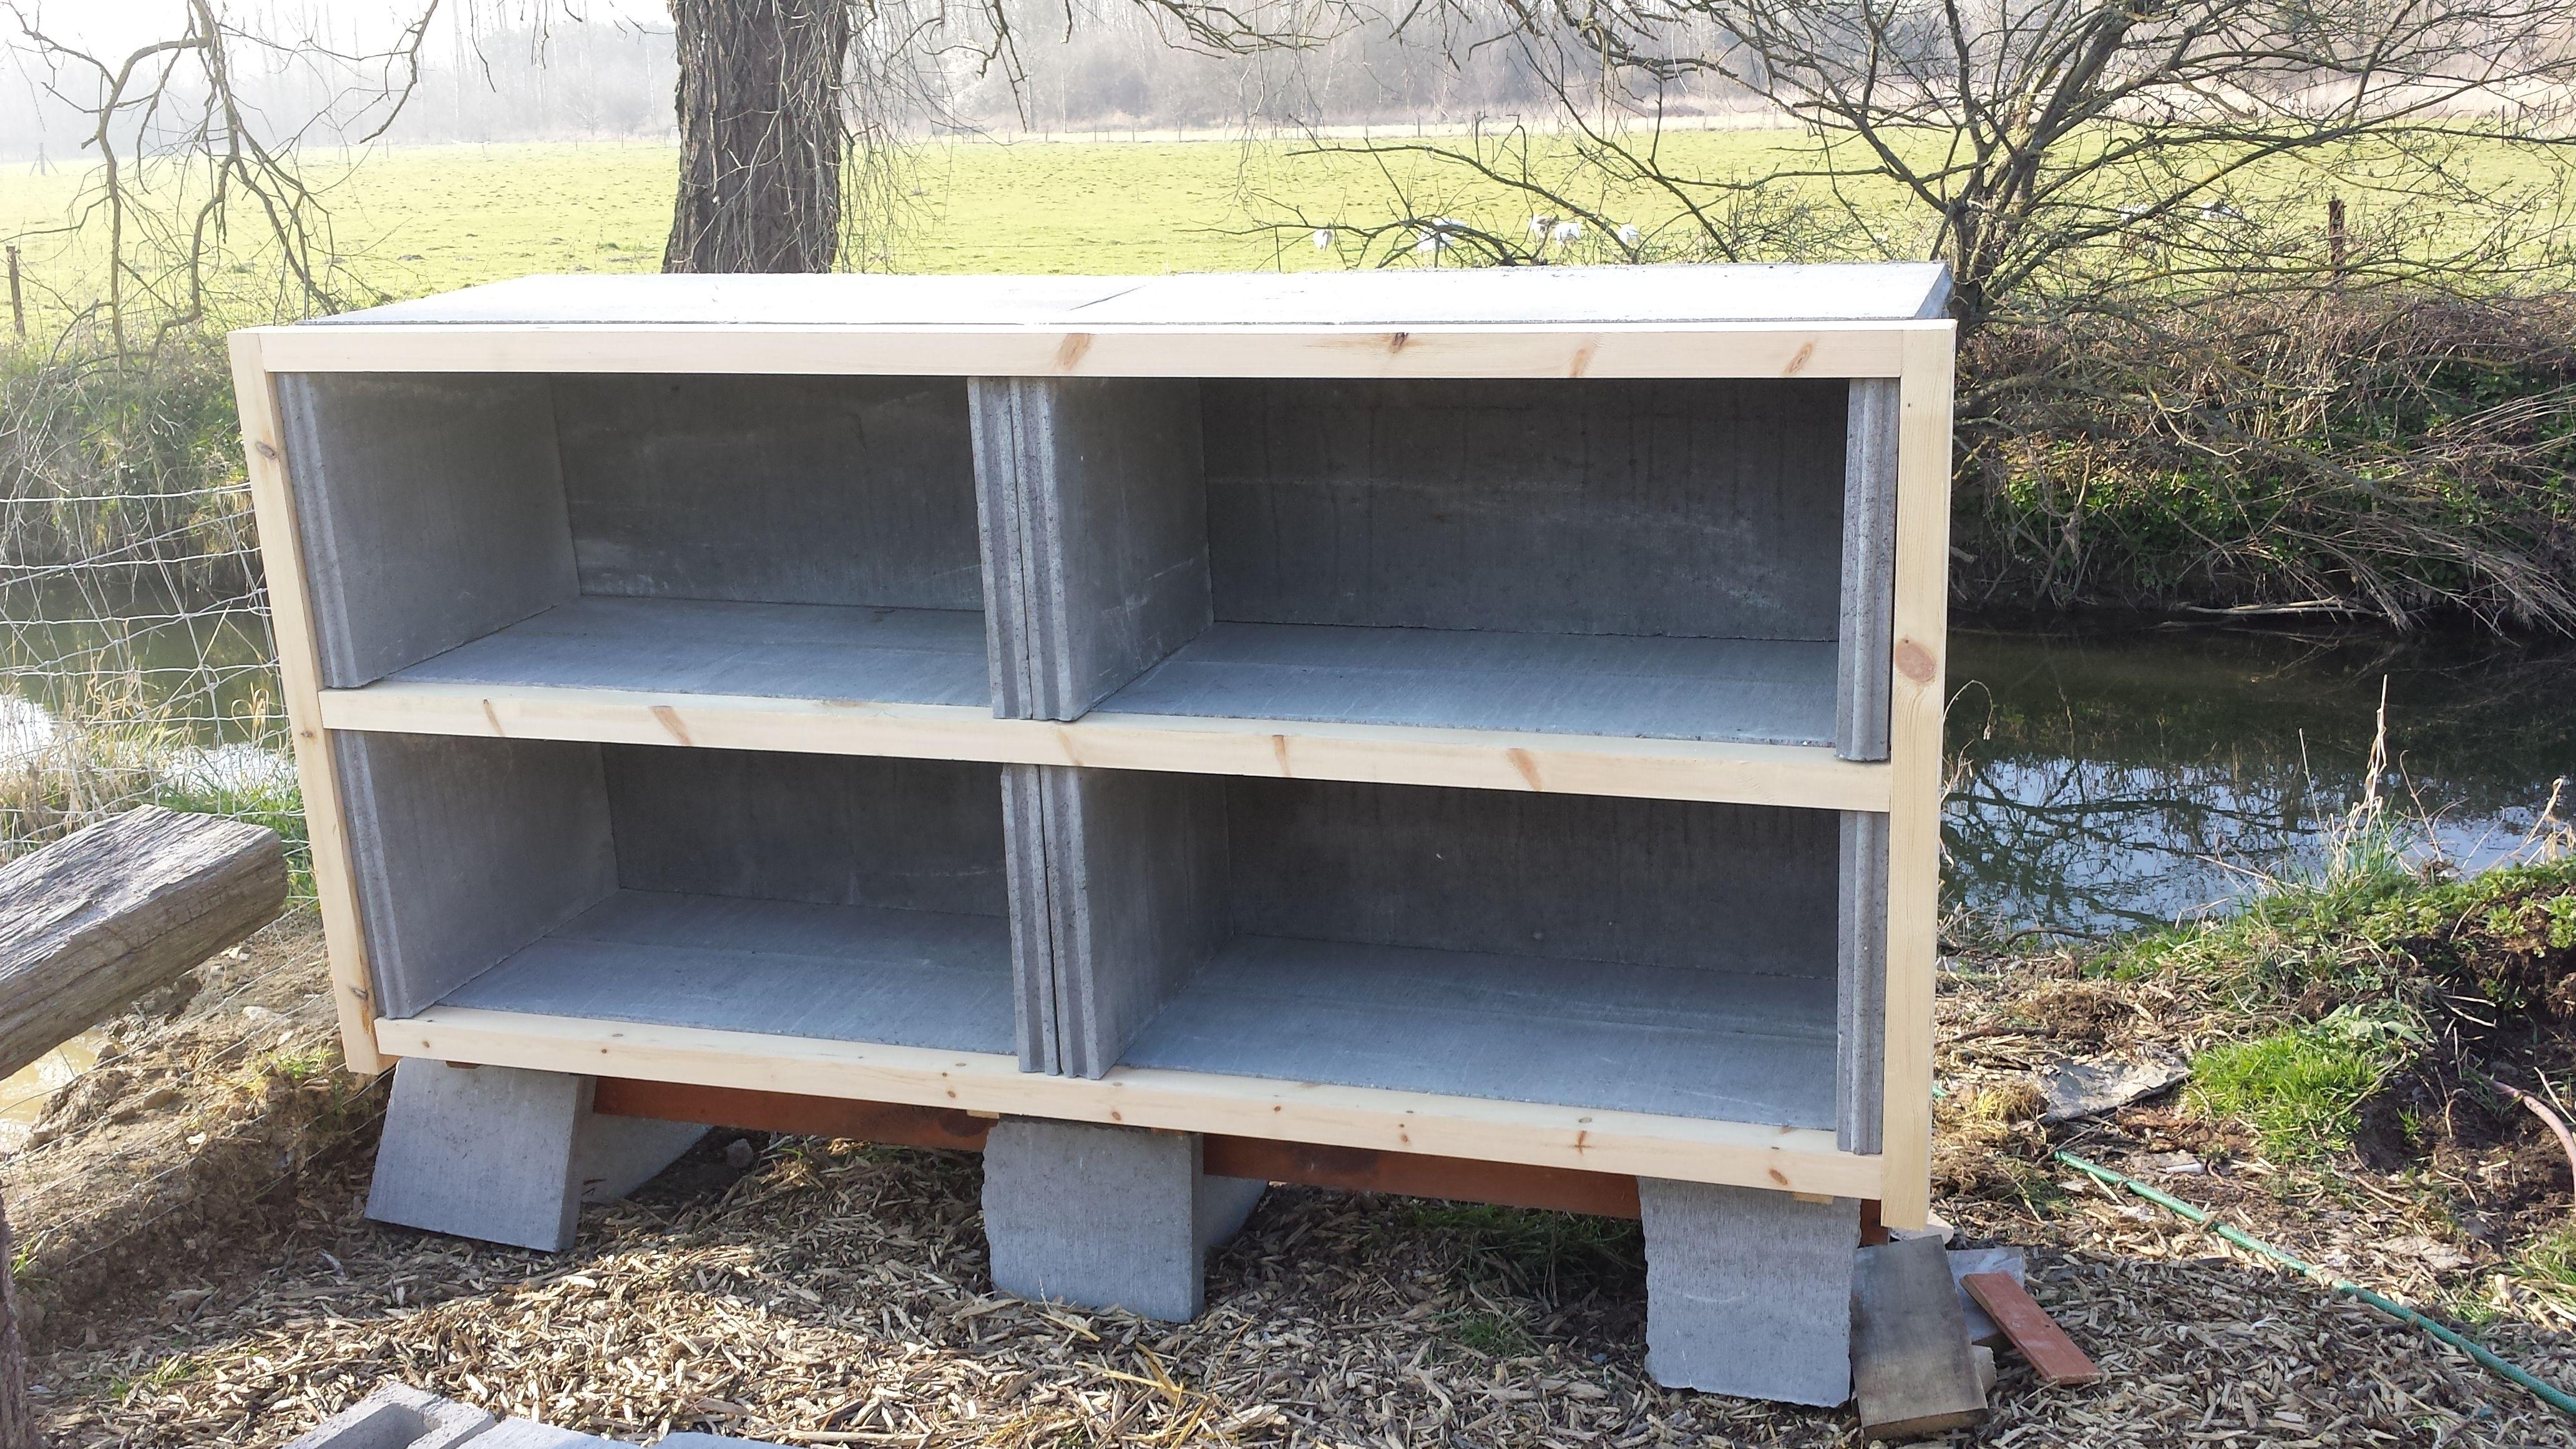 pr sentation construction clapier b ton video pinterest clapiers clapier beton et. Black Bedroom Furniture Sets. Home Design Ideas